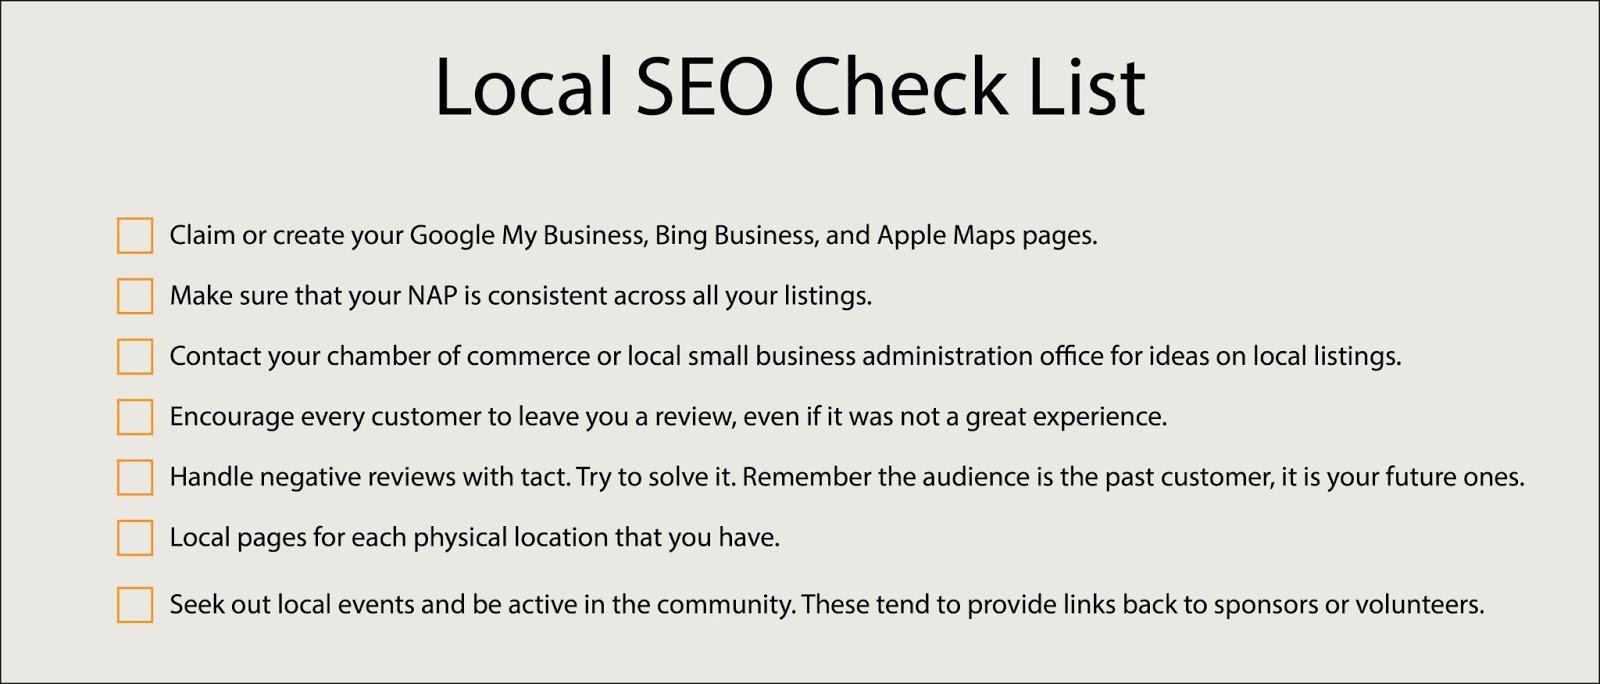 New York SEO Local SEO Checklist